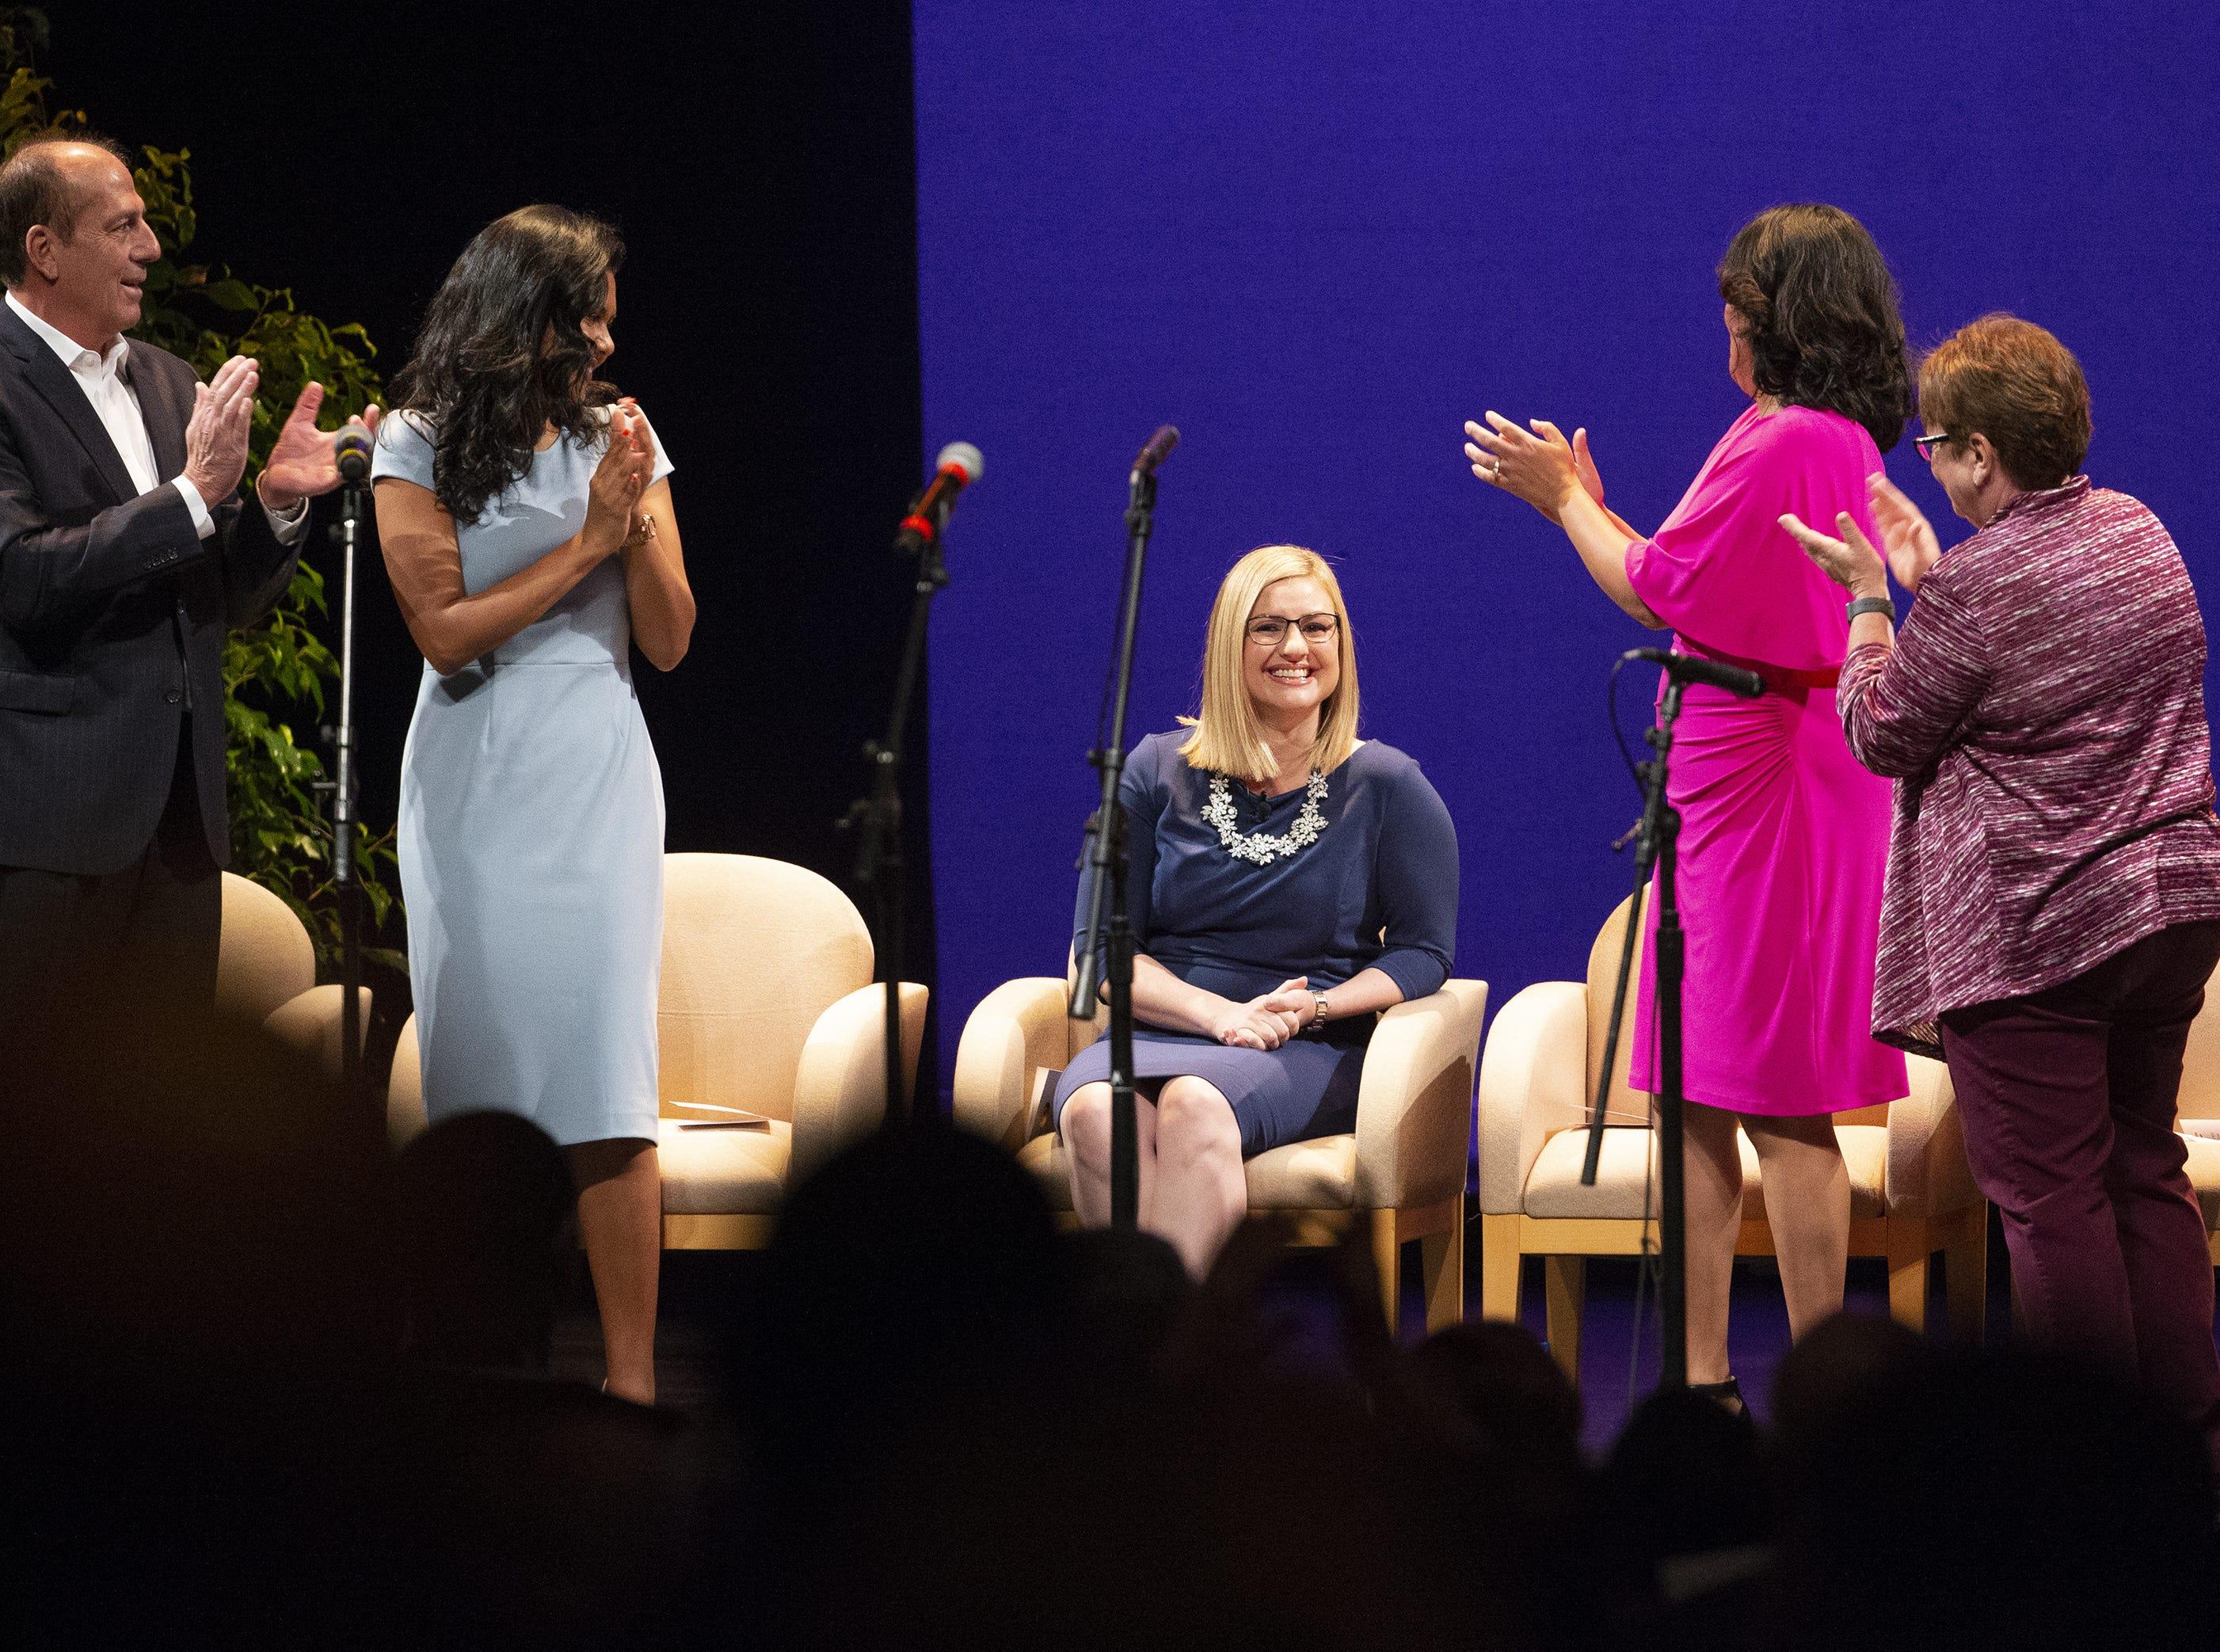 Miembros del Concilio Municipal brindan un aplauso a la nueva alcaldesa Kate Gallego, en la ceremonia inaugural celebrada el 21 de marzo en el Orpheum Theatre de Phoenix, AZ.